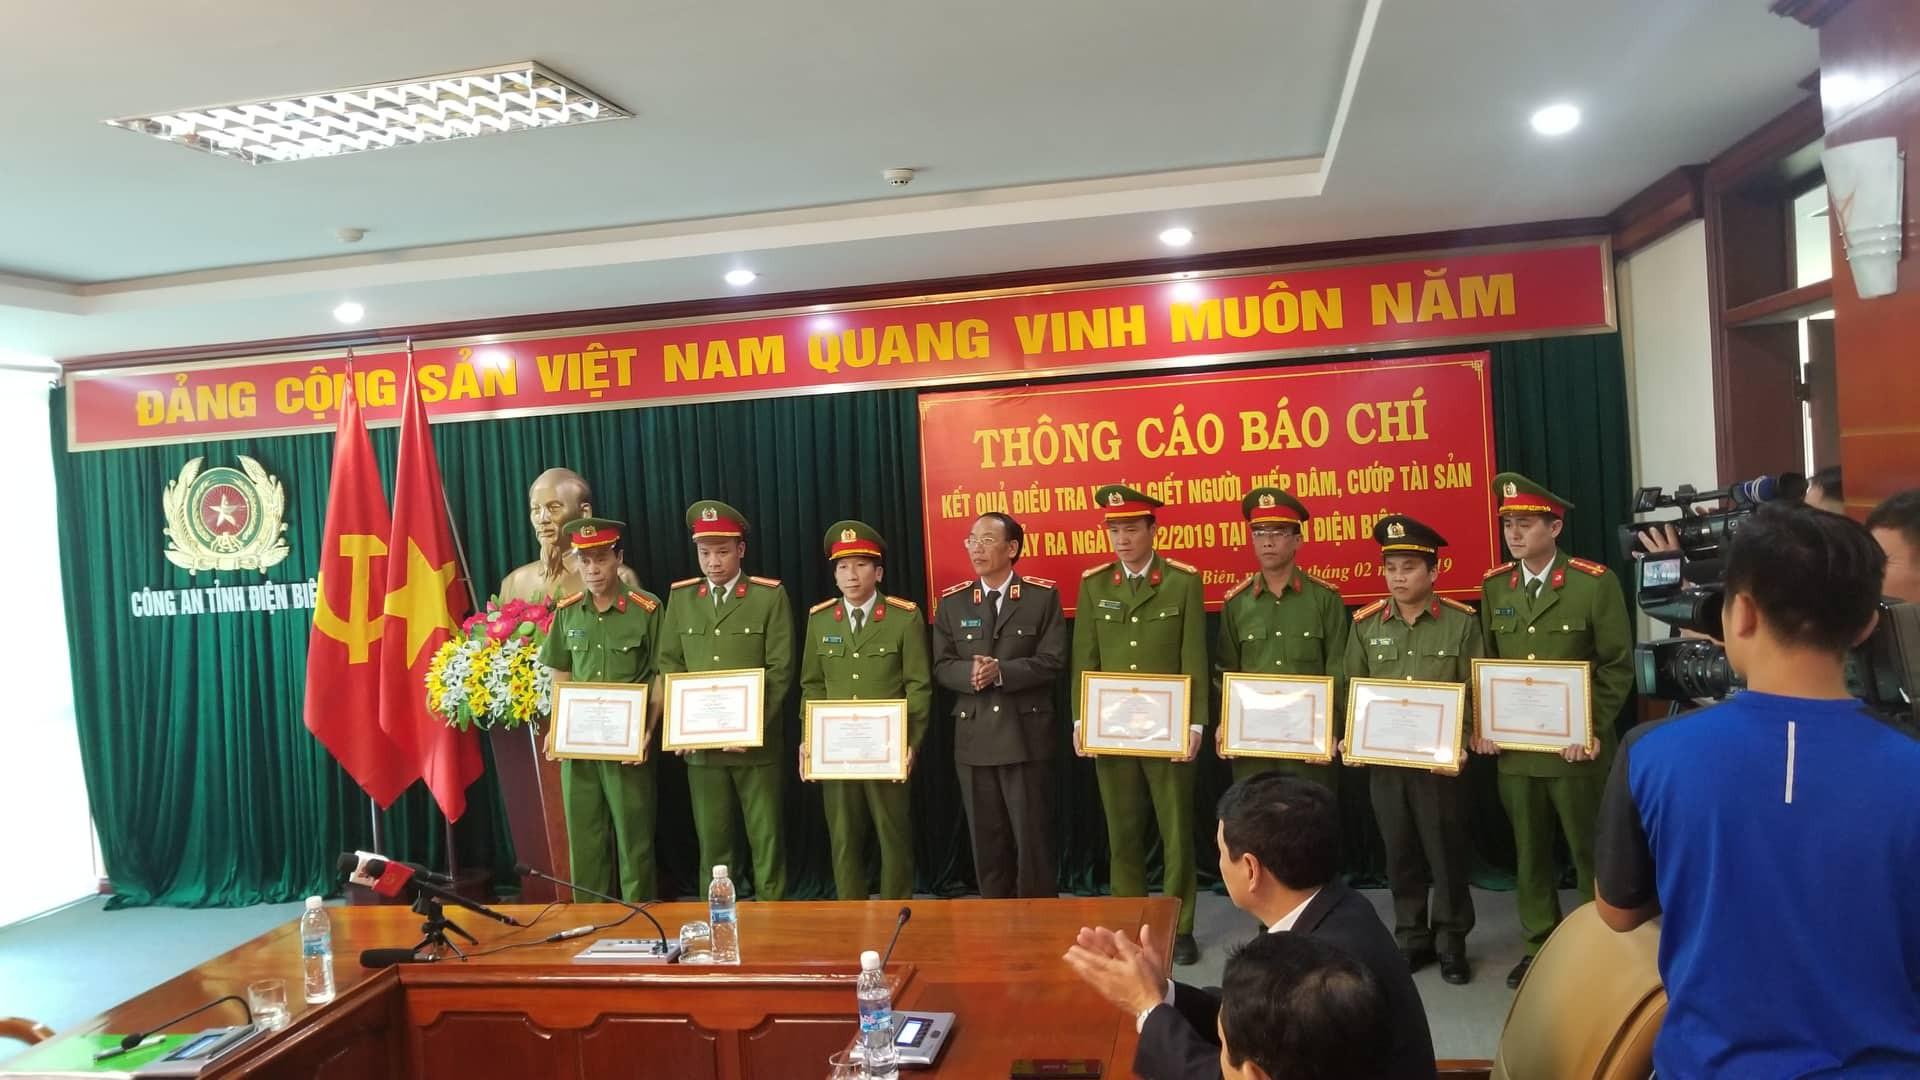 Ban chuyên án được công an tỉnh Điện Biên khen thưởng.